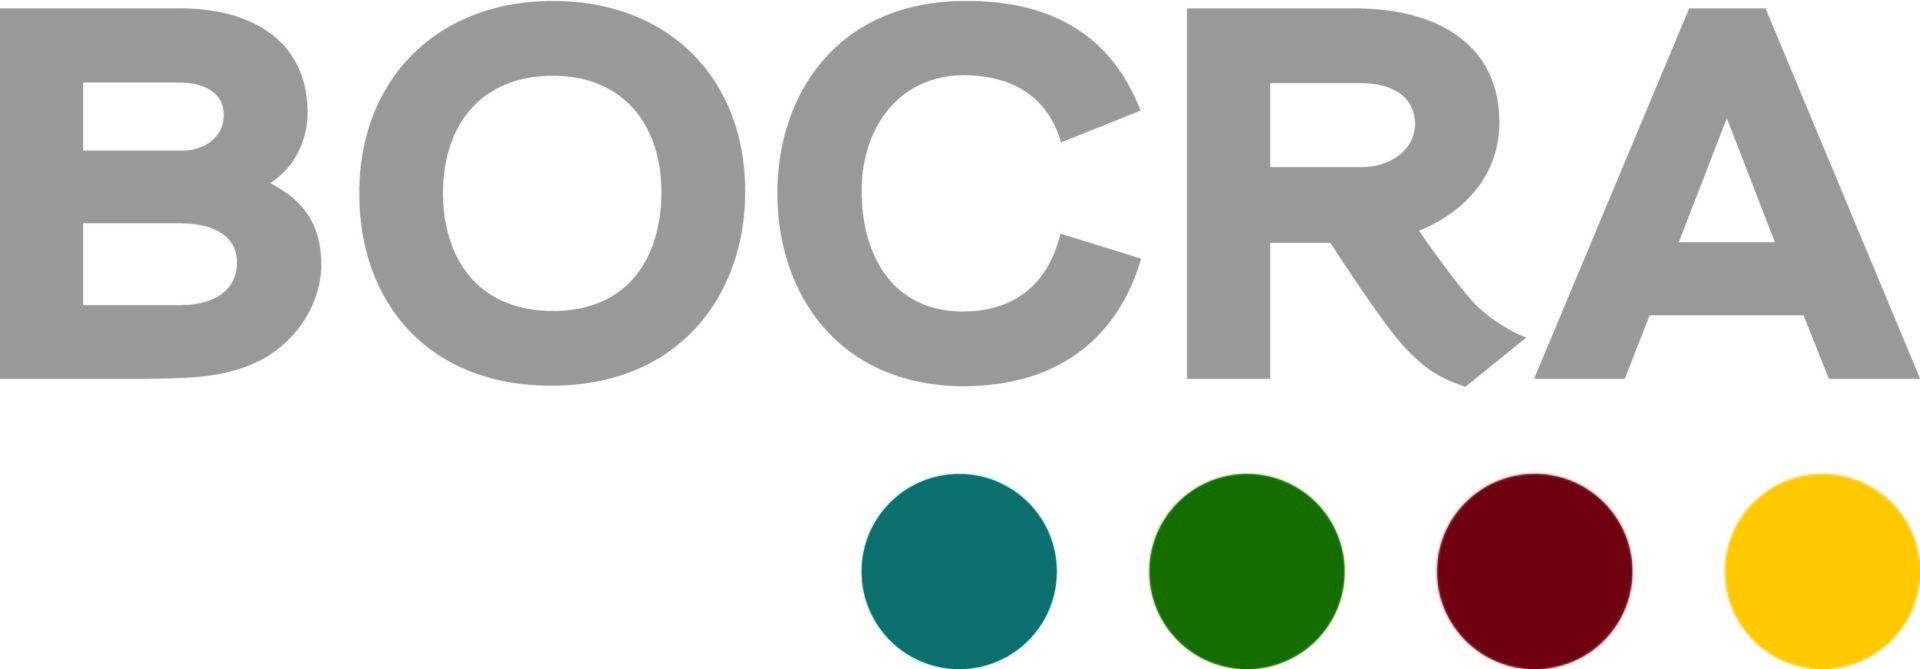 BOCRA website